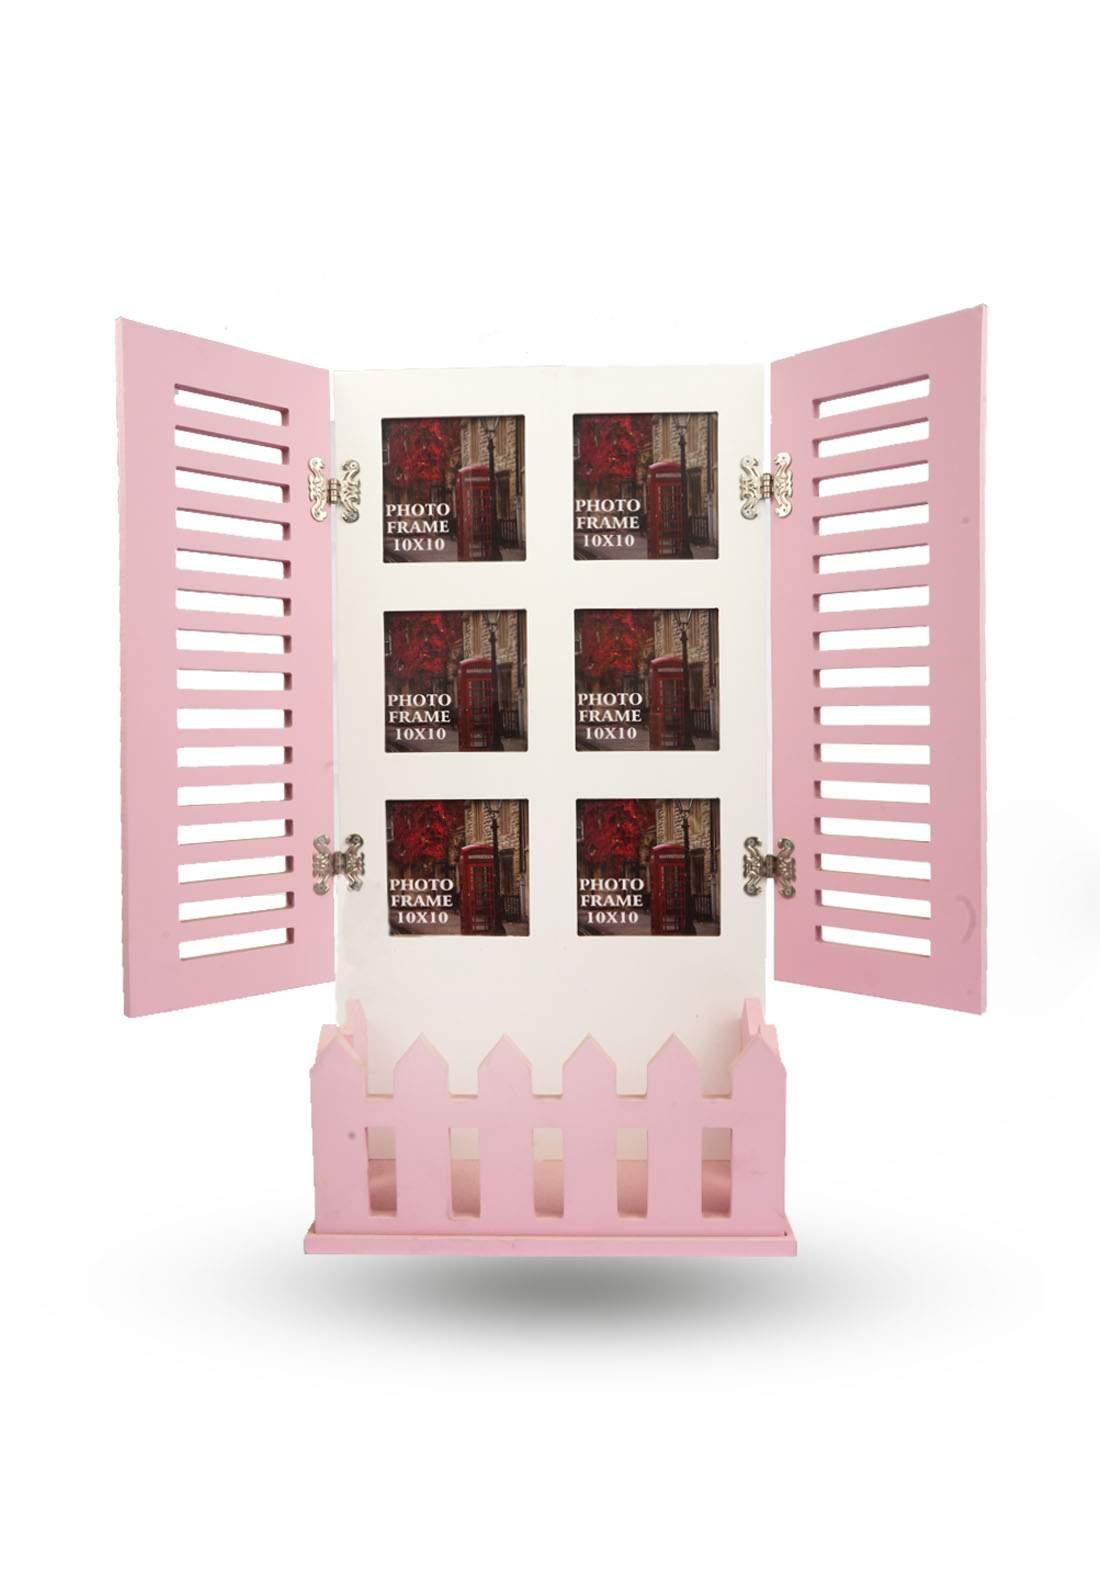 اطار صور بتصميم نافذة وردي اللون